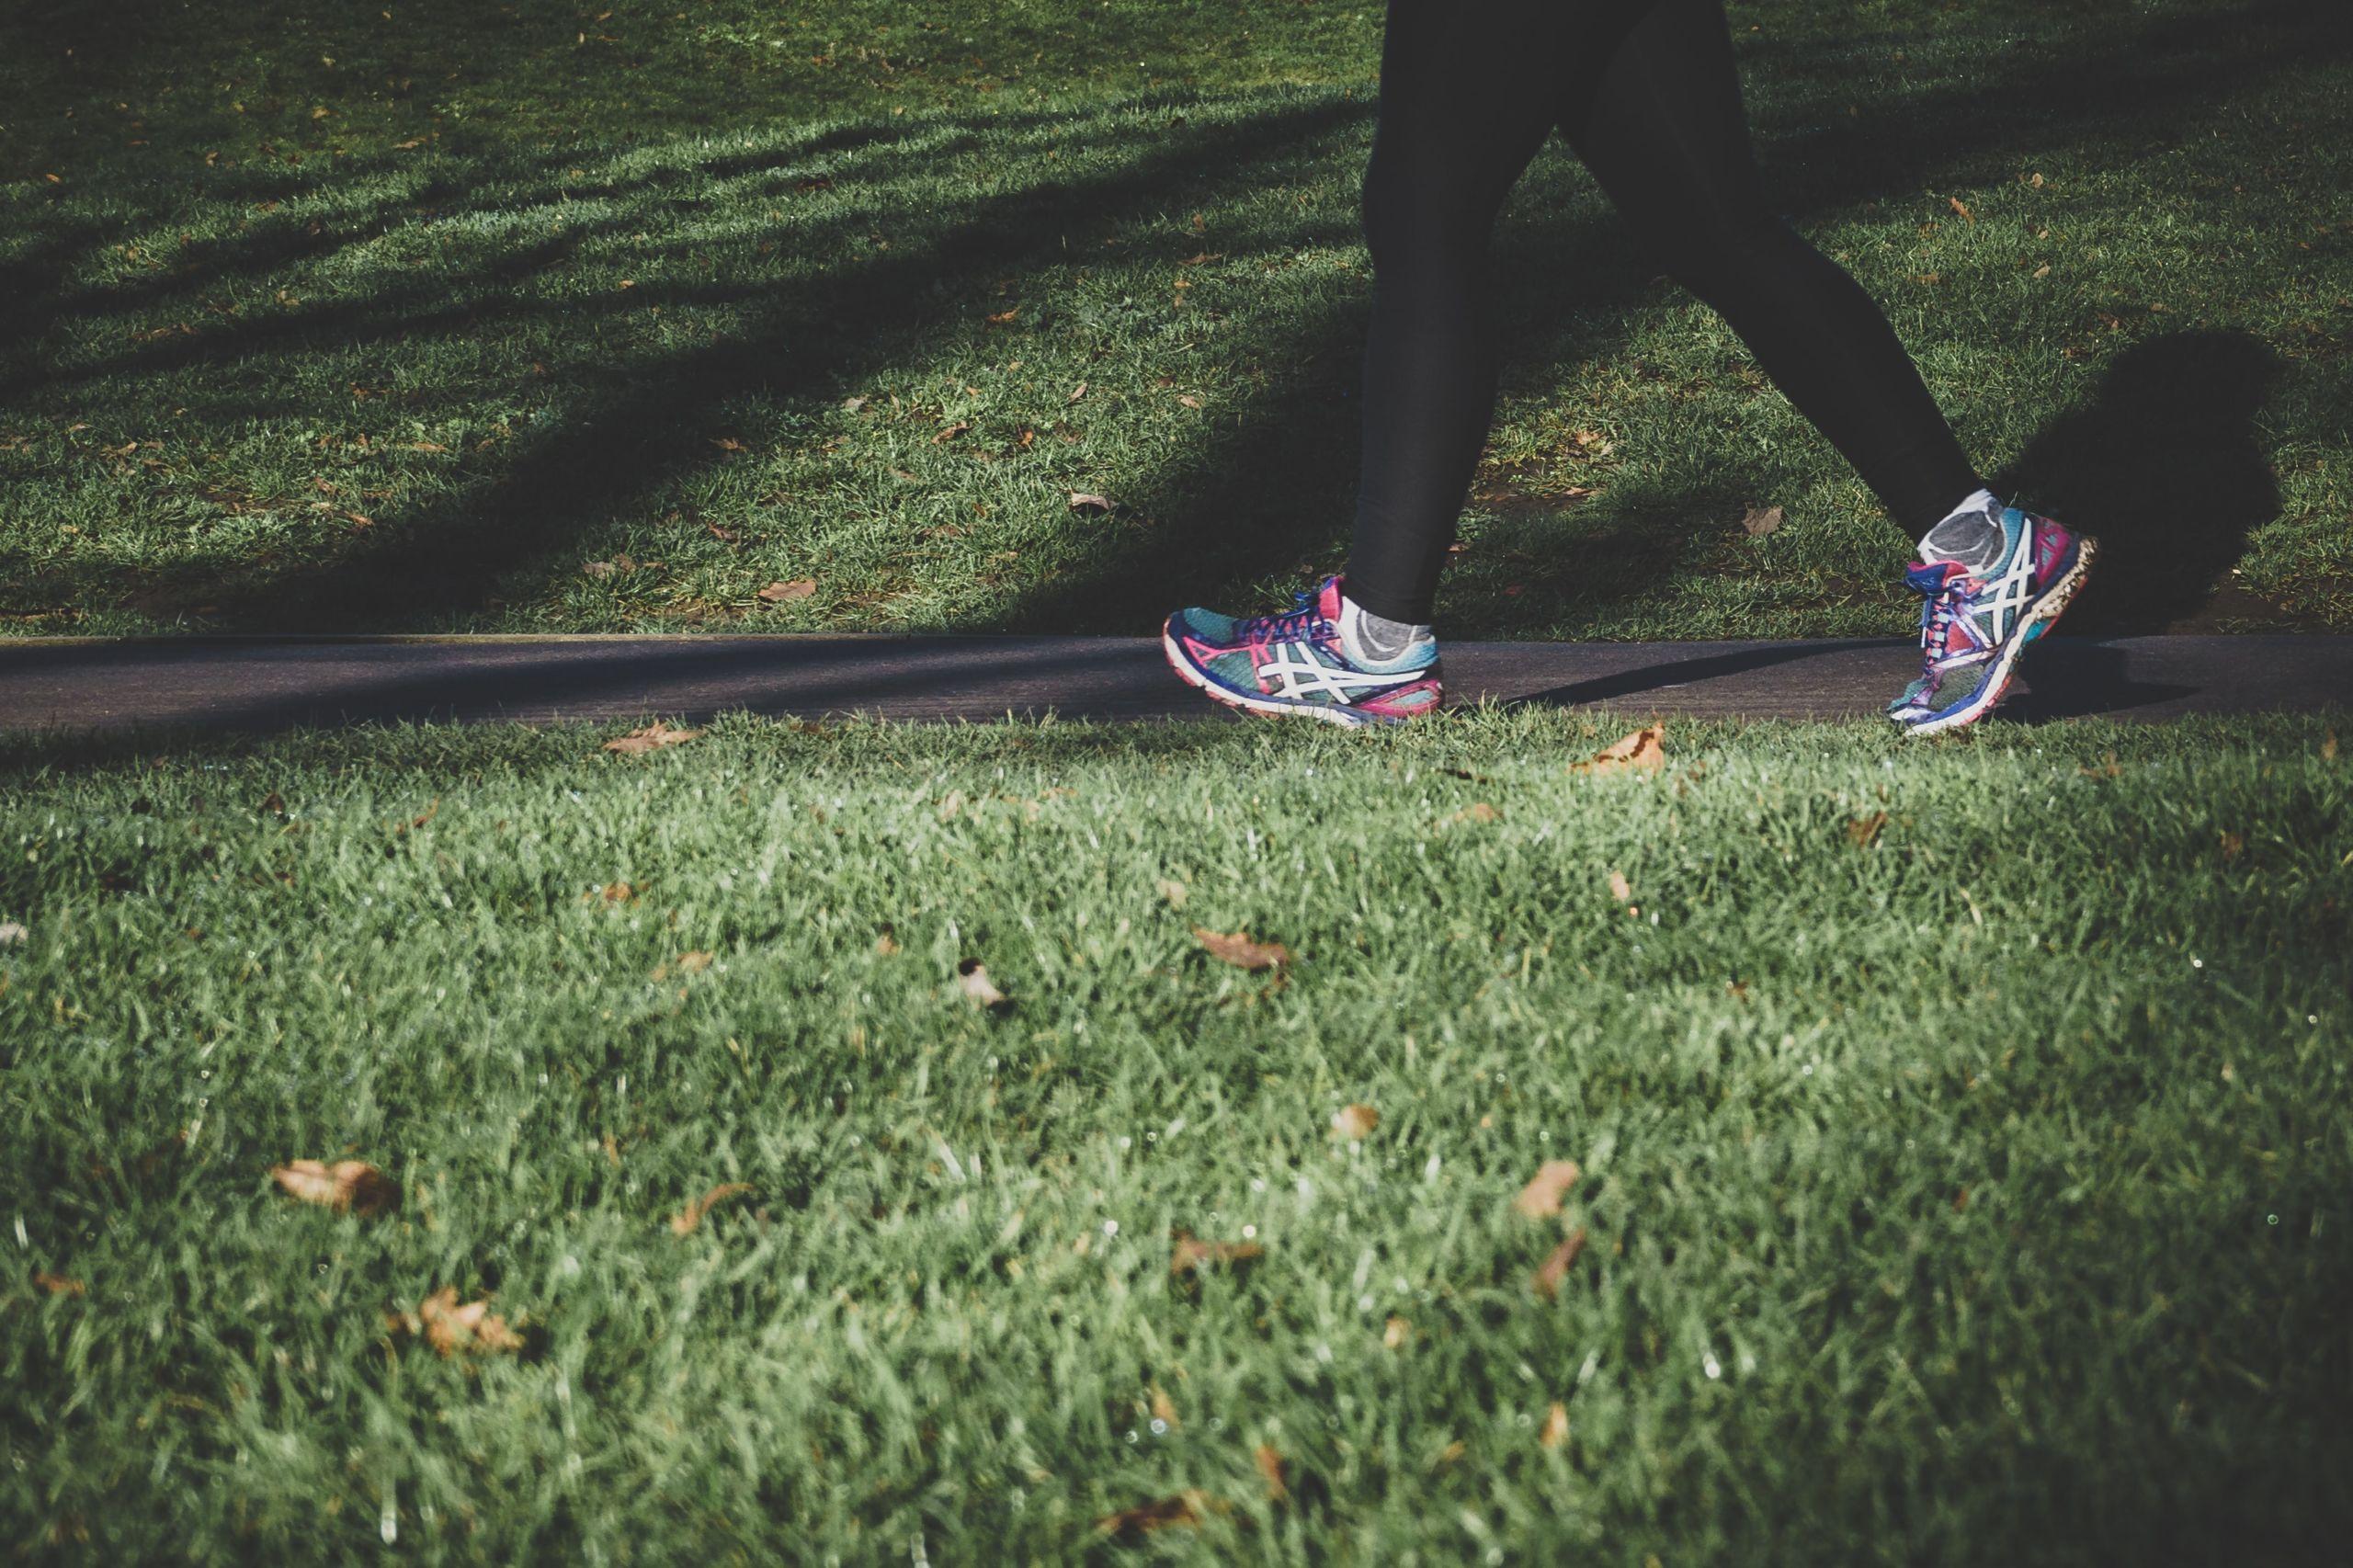 walking-shoes.arek-adeoye.unsplash